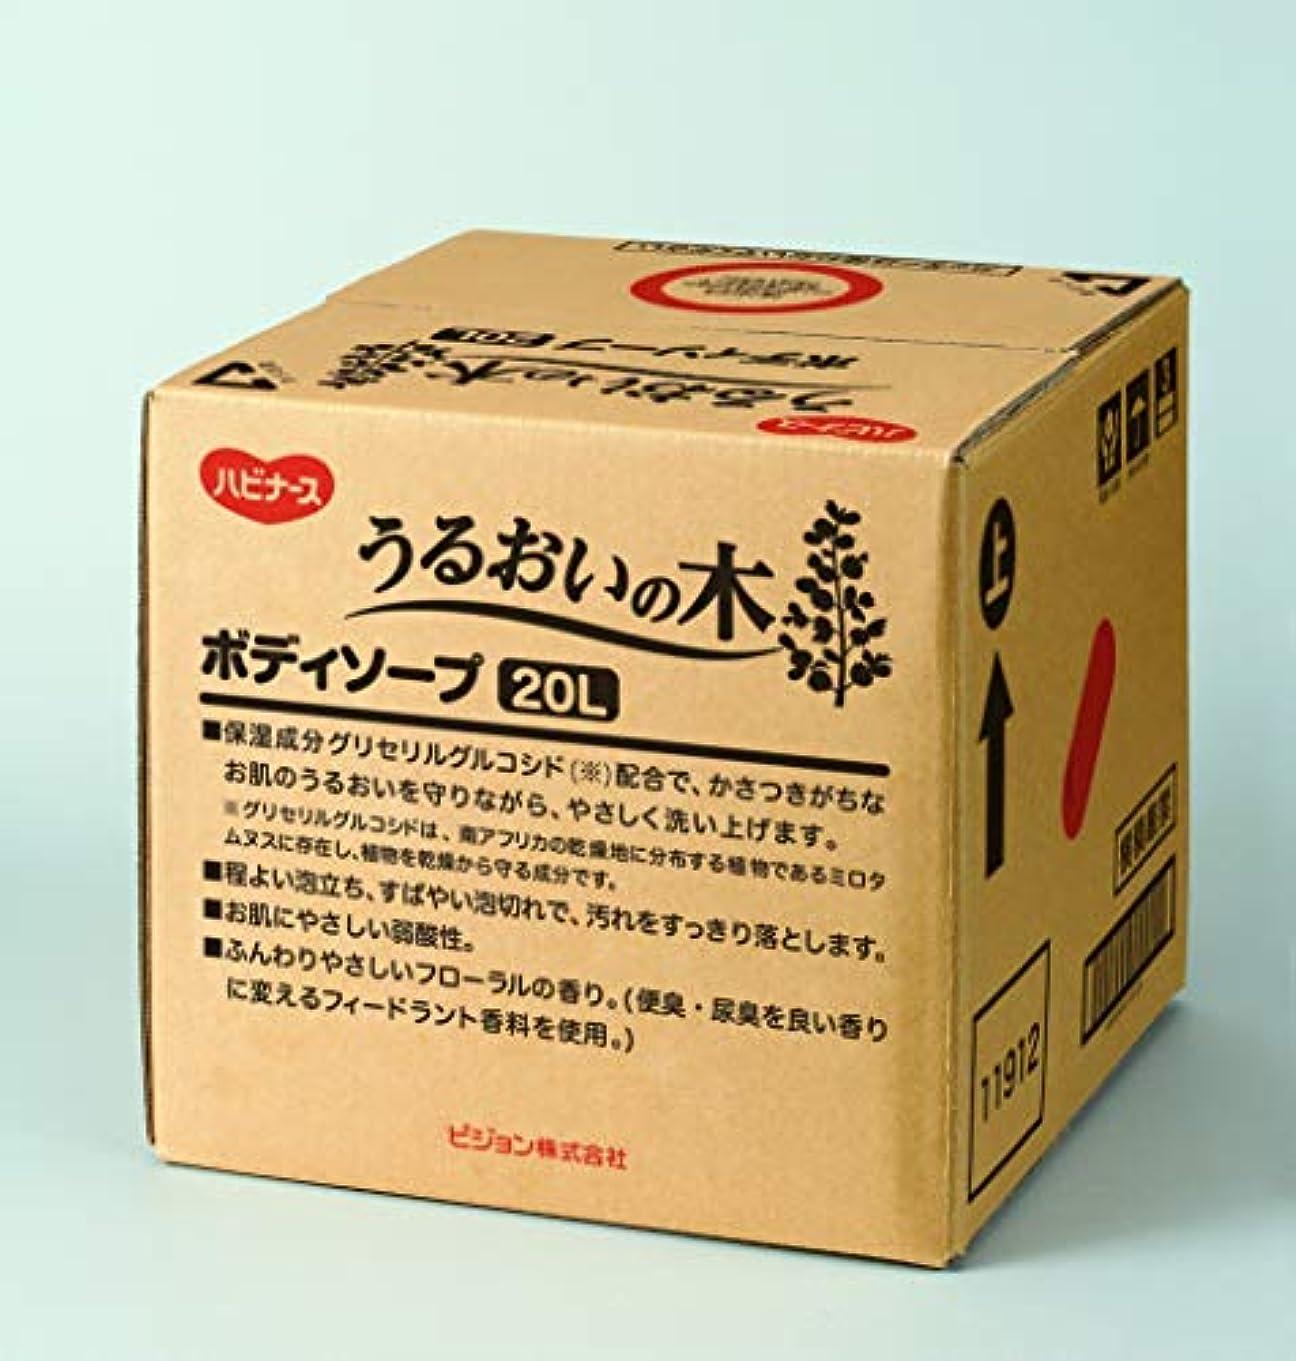 エーカーケニア効果的ハビナース うるおいの木 ボディソープ 20L [業務用]